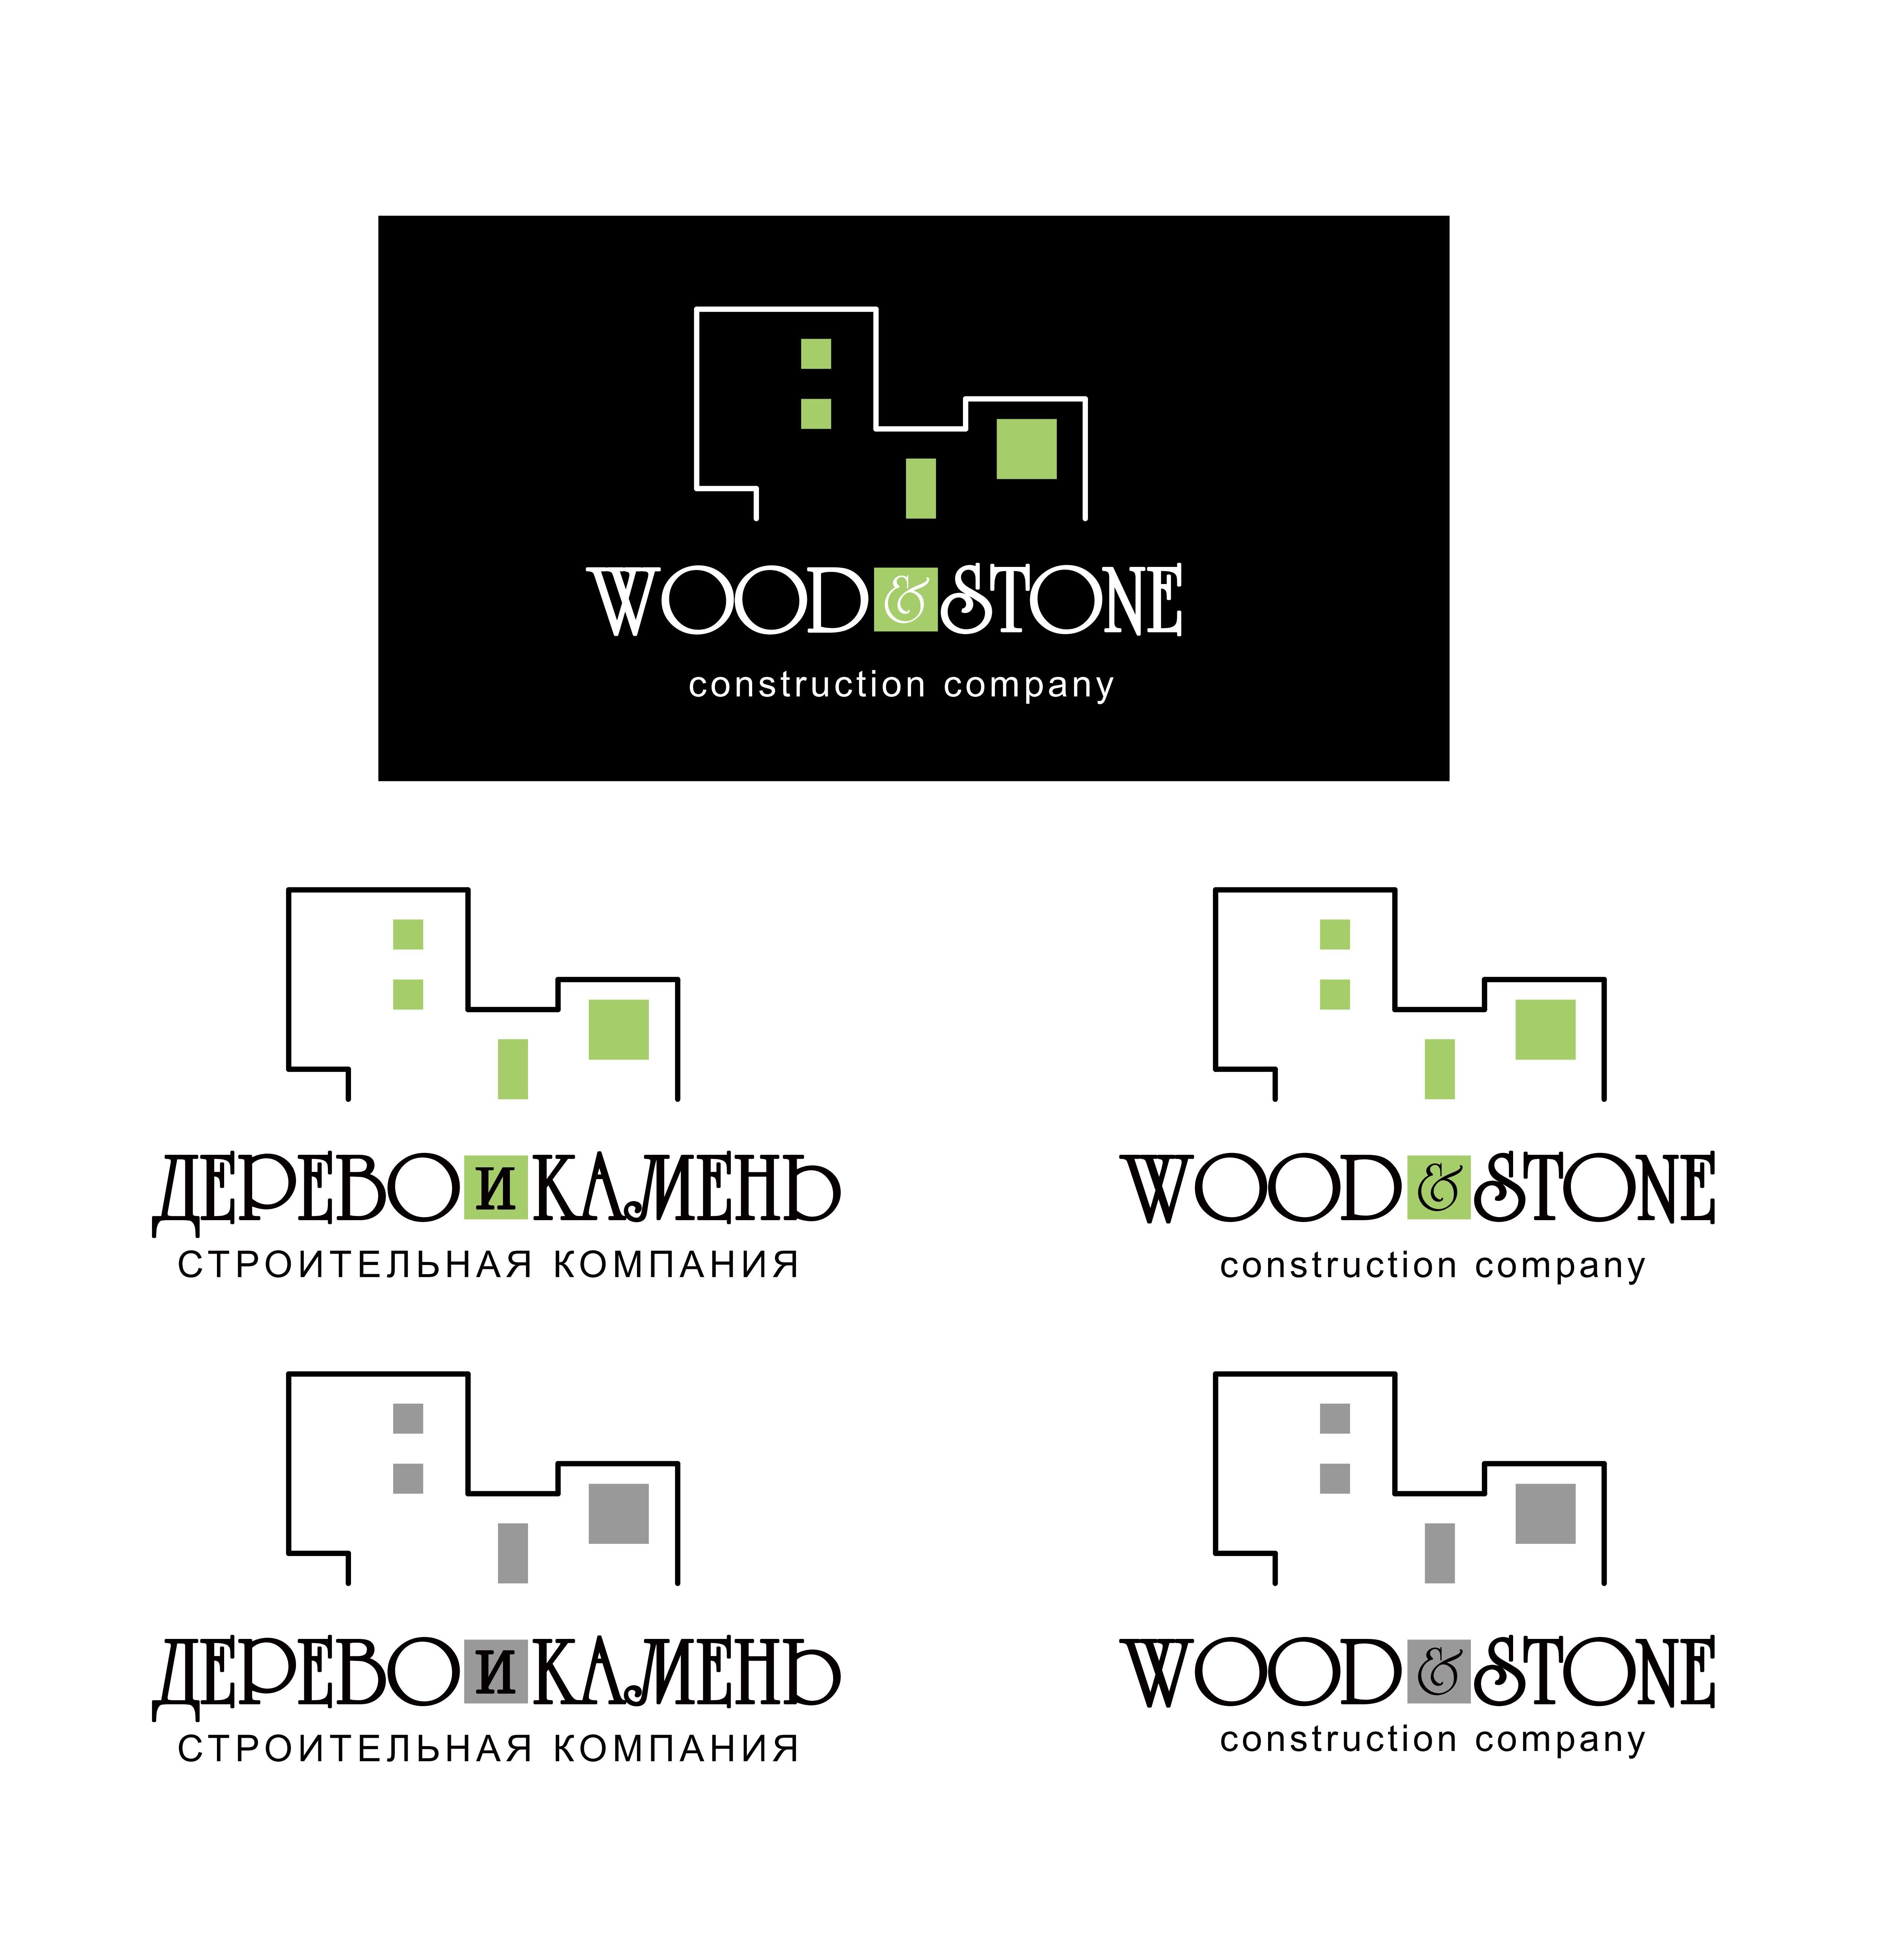 Логотип и Фирменный стиль фото f_11254a9a2c132194.jpg